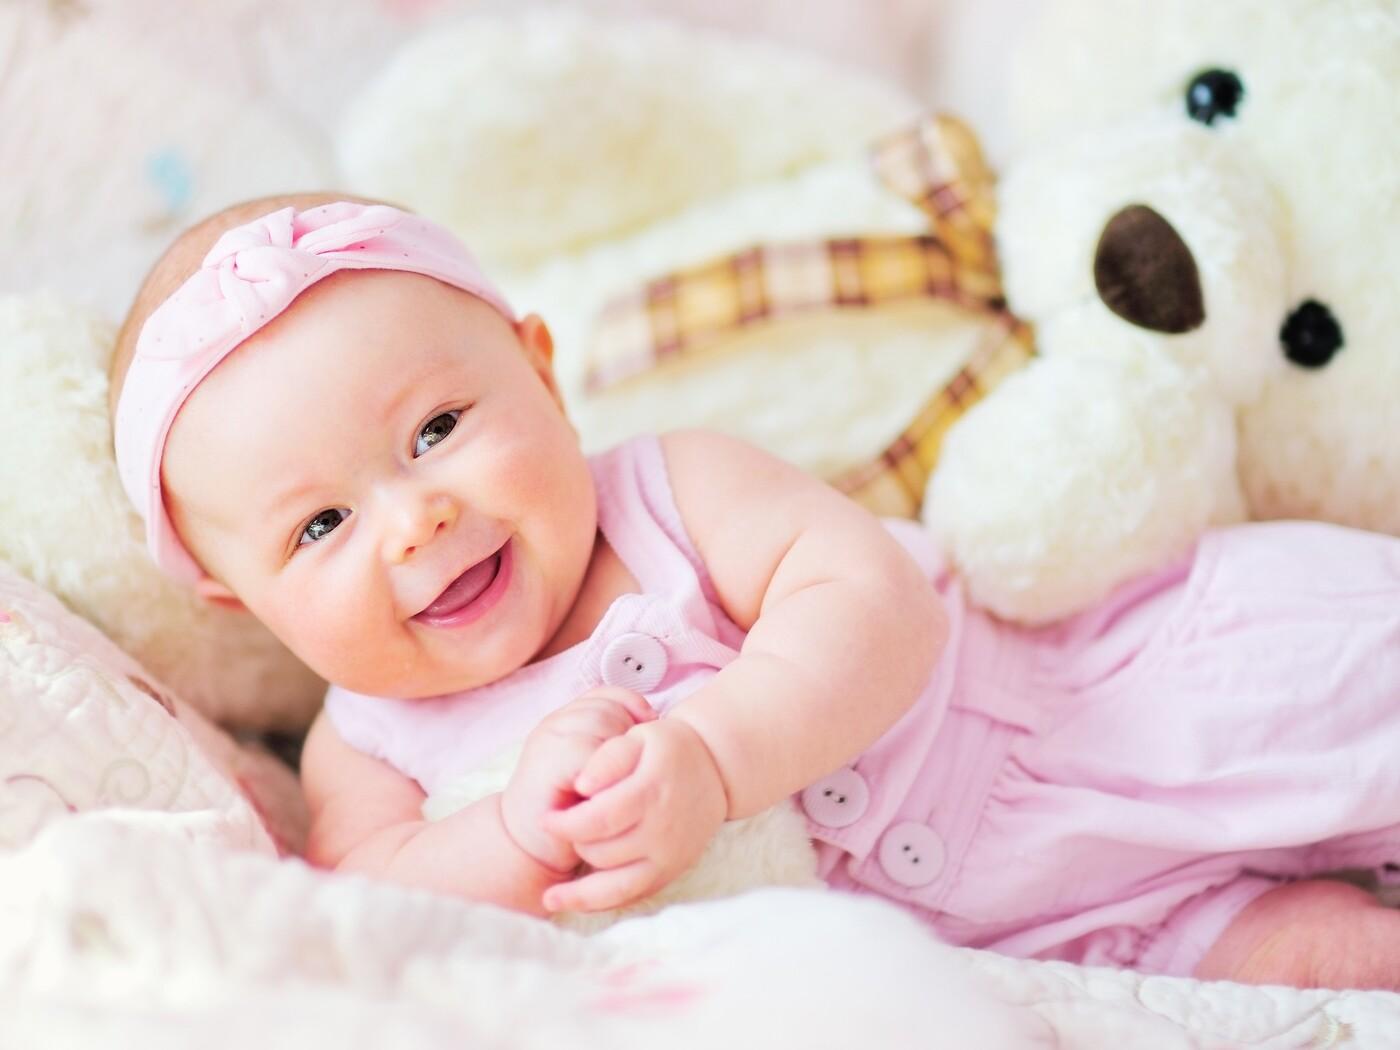 cute-baby-with-teddy-bear.jpg